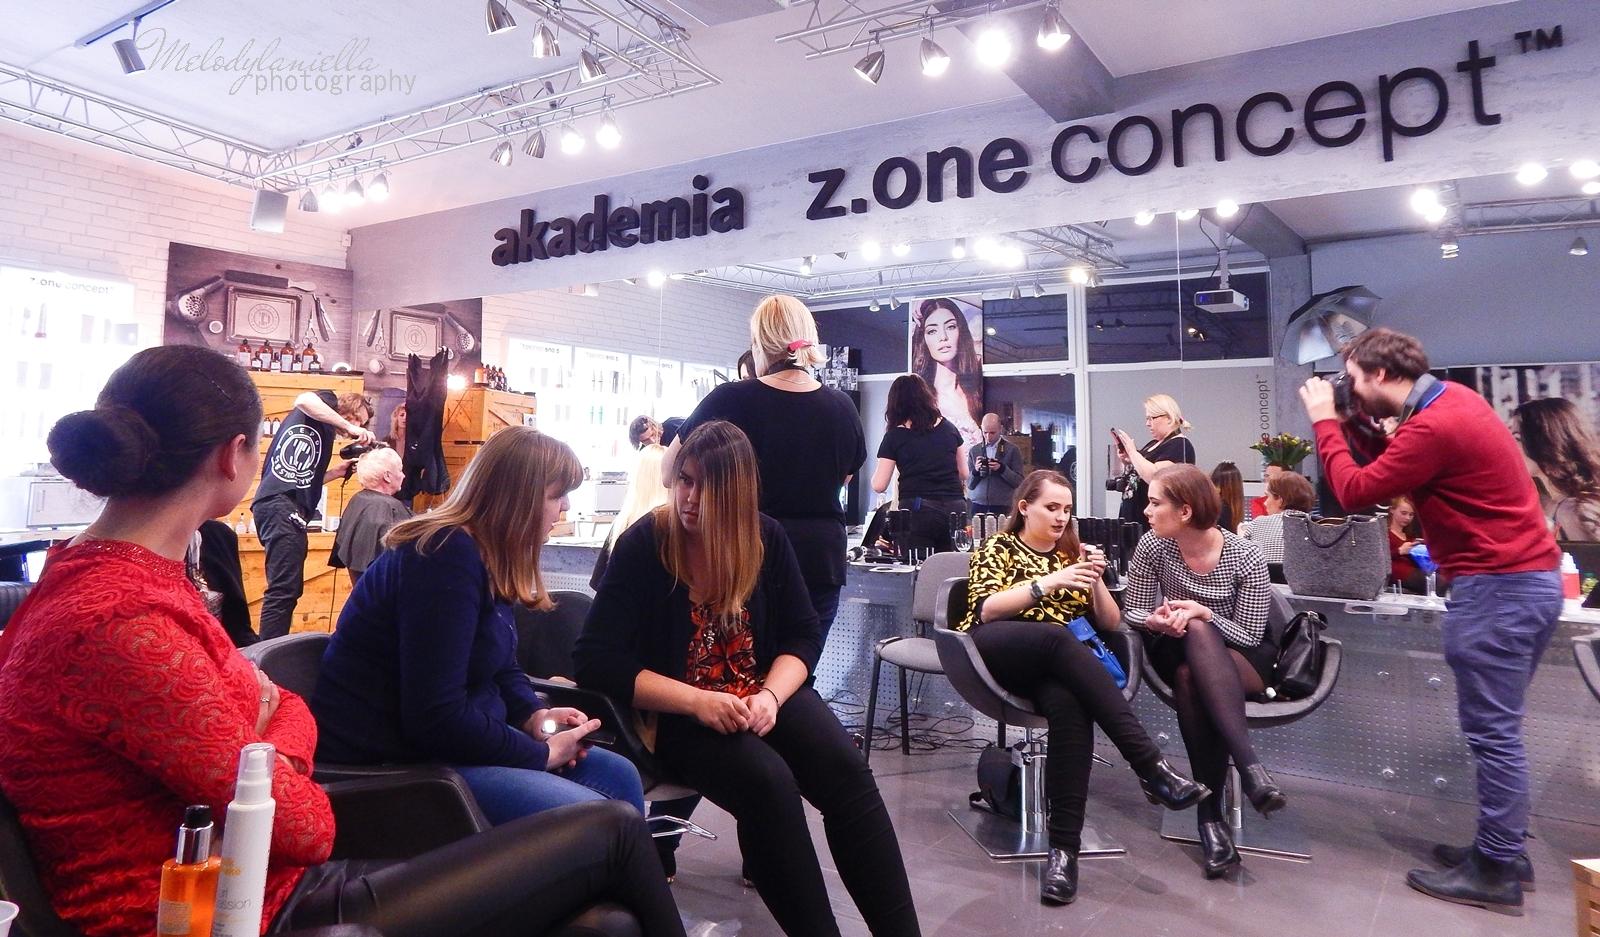 20  relacja spotkanie blogerek akademia z.one concept łódź szkolenia dla fryzjerów akademia fryzjerska koloryzacja melodylaniella jak dbać o włosy pielęgnacja koloryzacja włosów